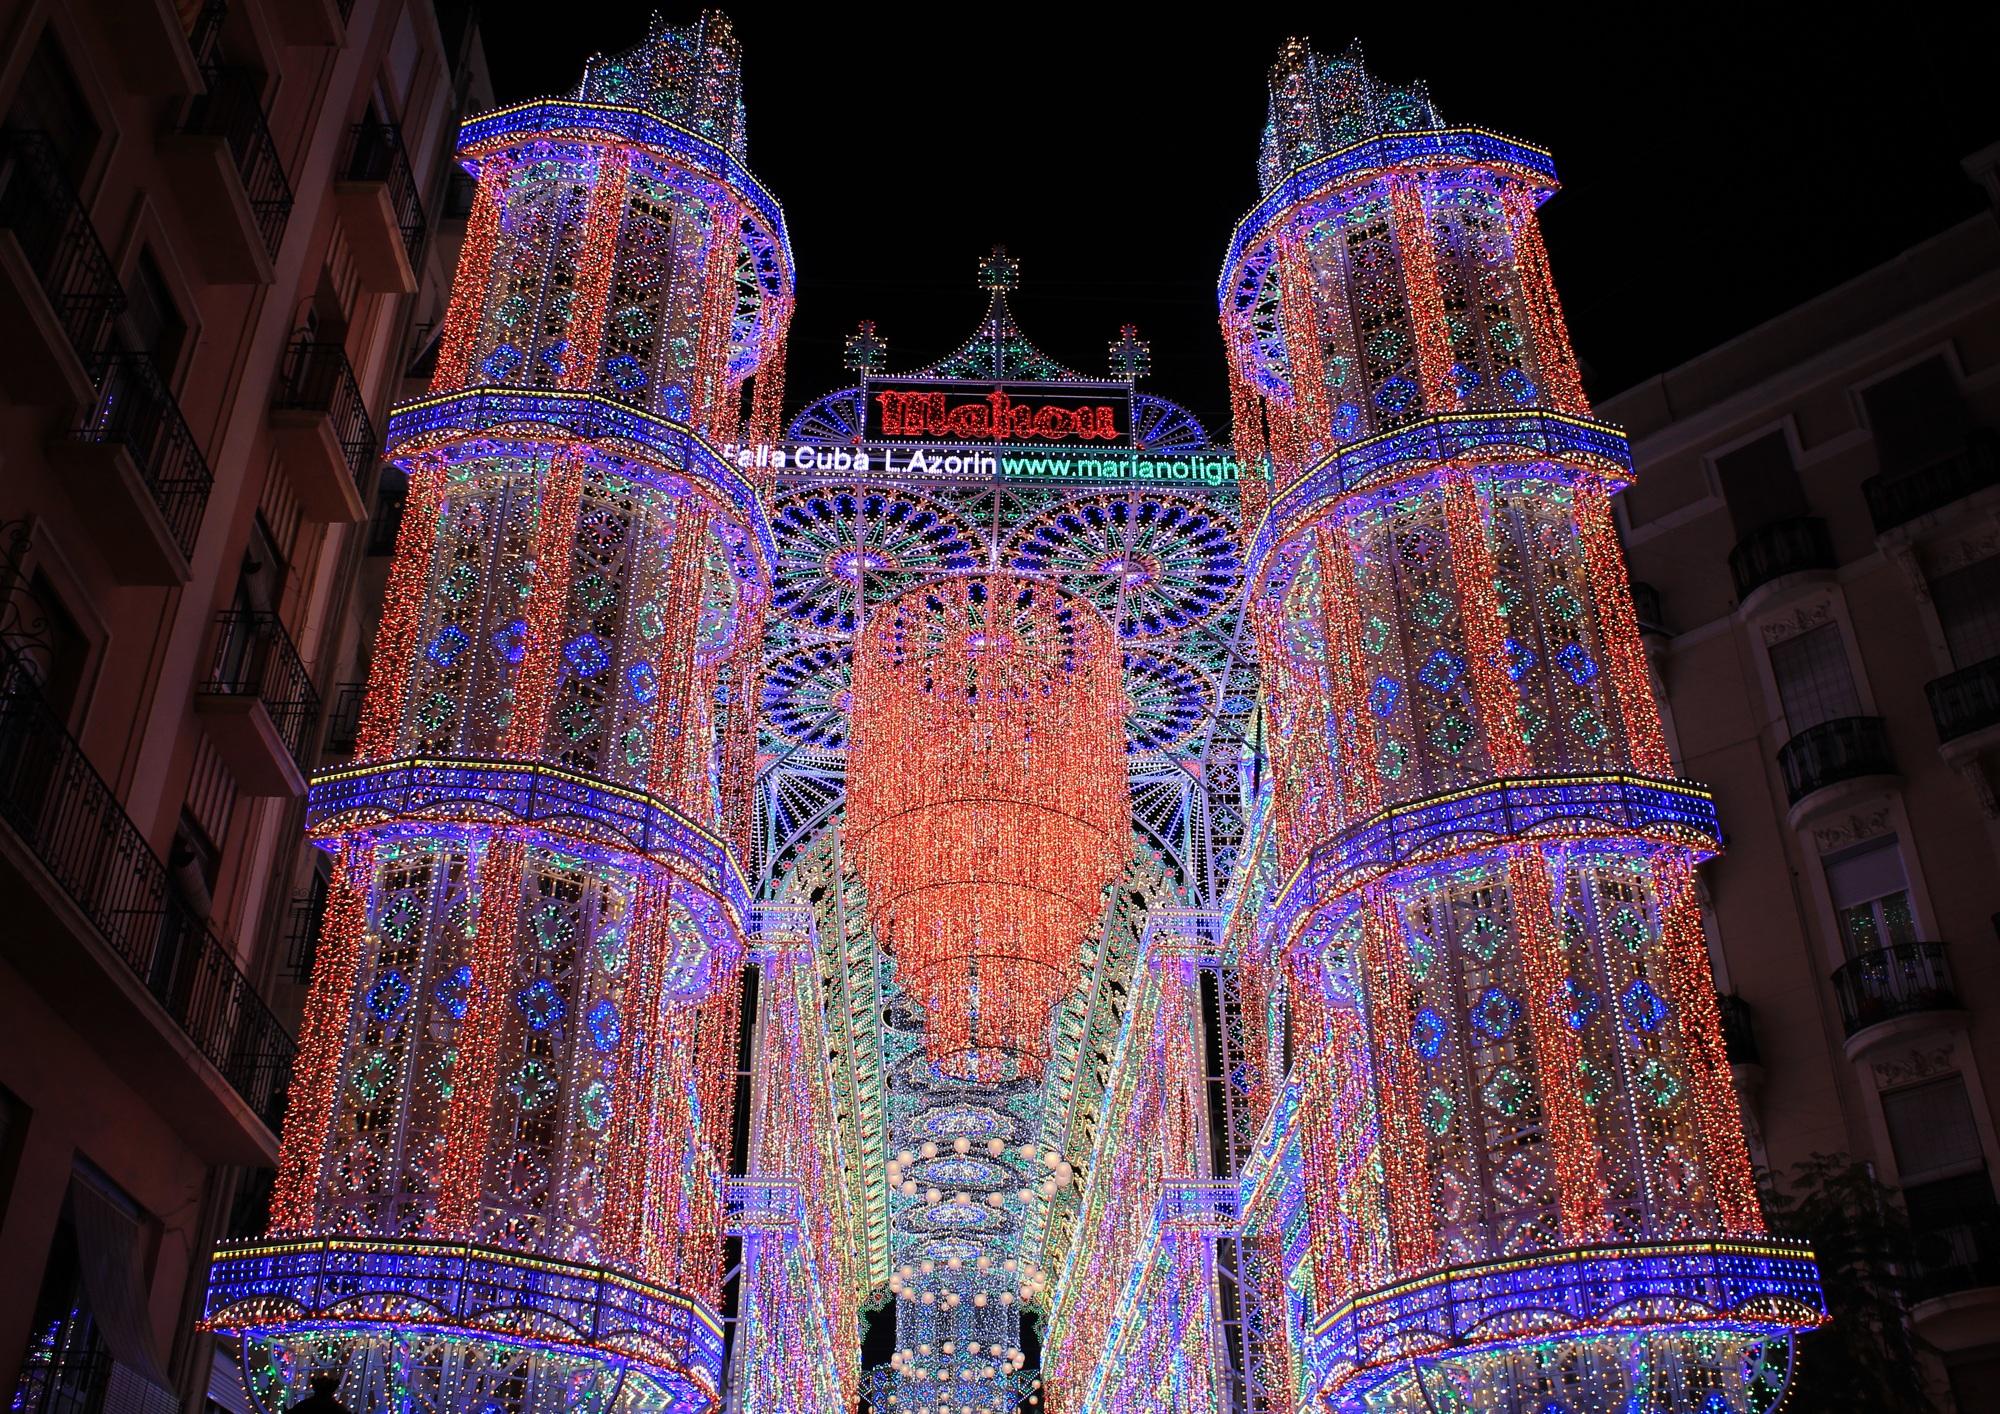 Images Gratuites Lumiere Nuit Cathedrale Eclairage Lieu De